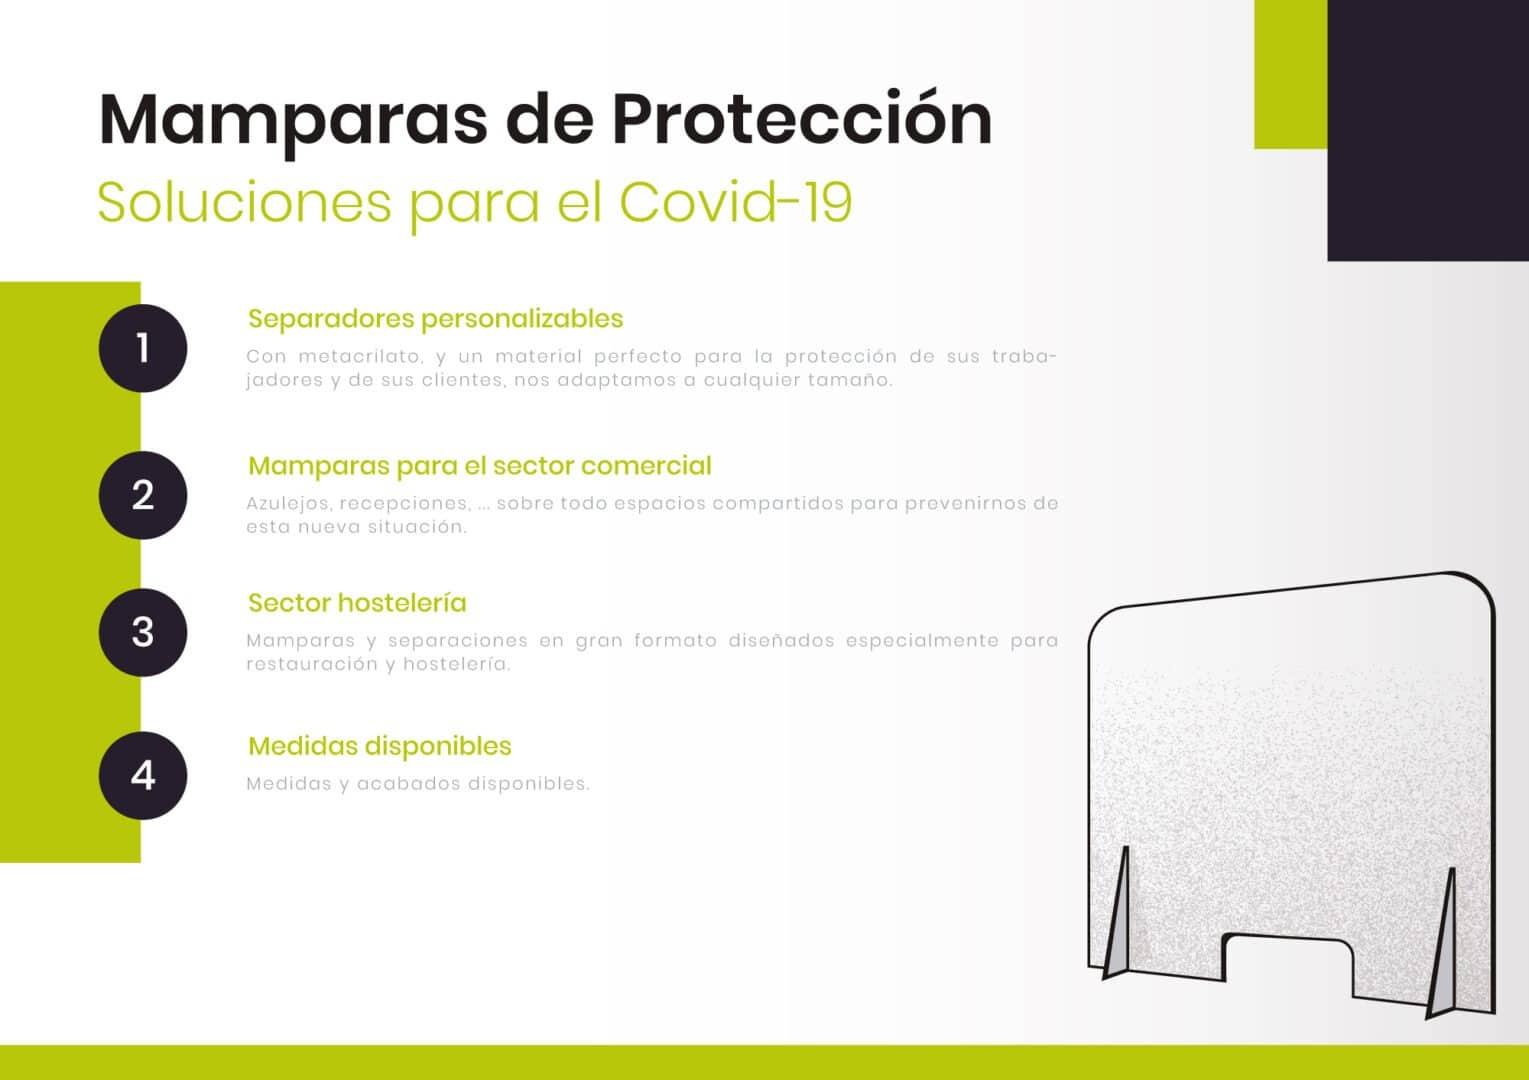 1 - Mamparas de Protección de metraquilato 3mm, 5mm y 8mm